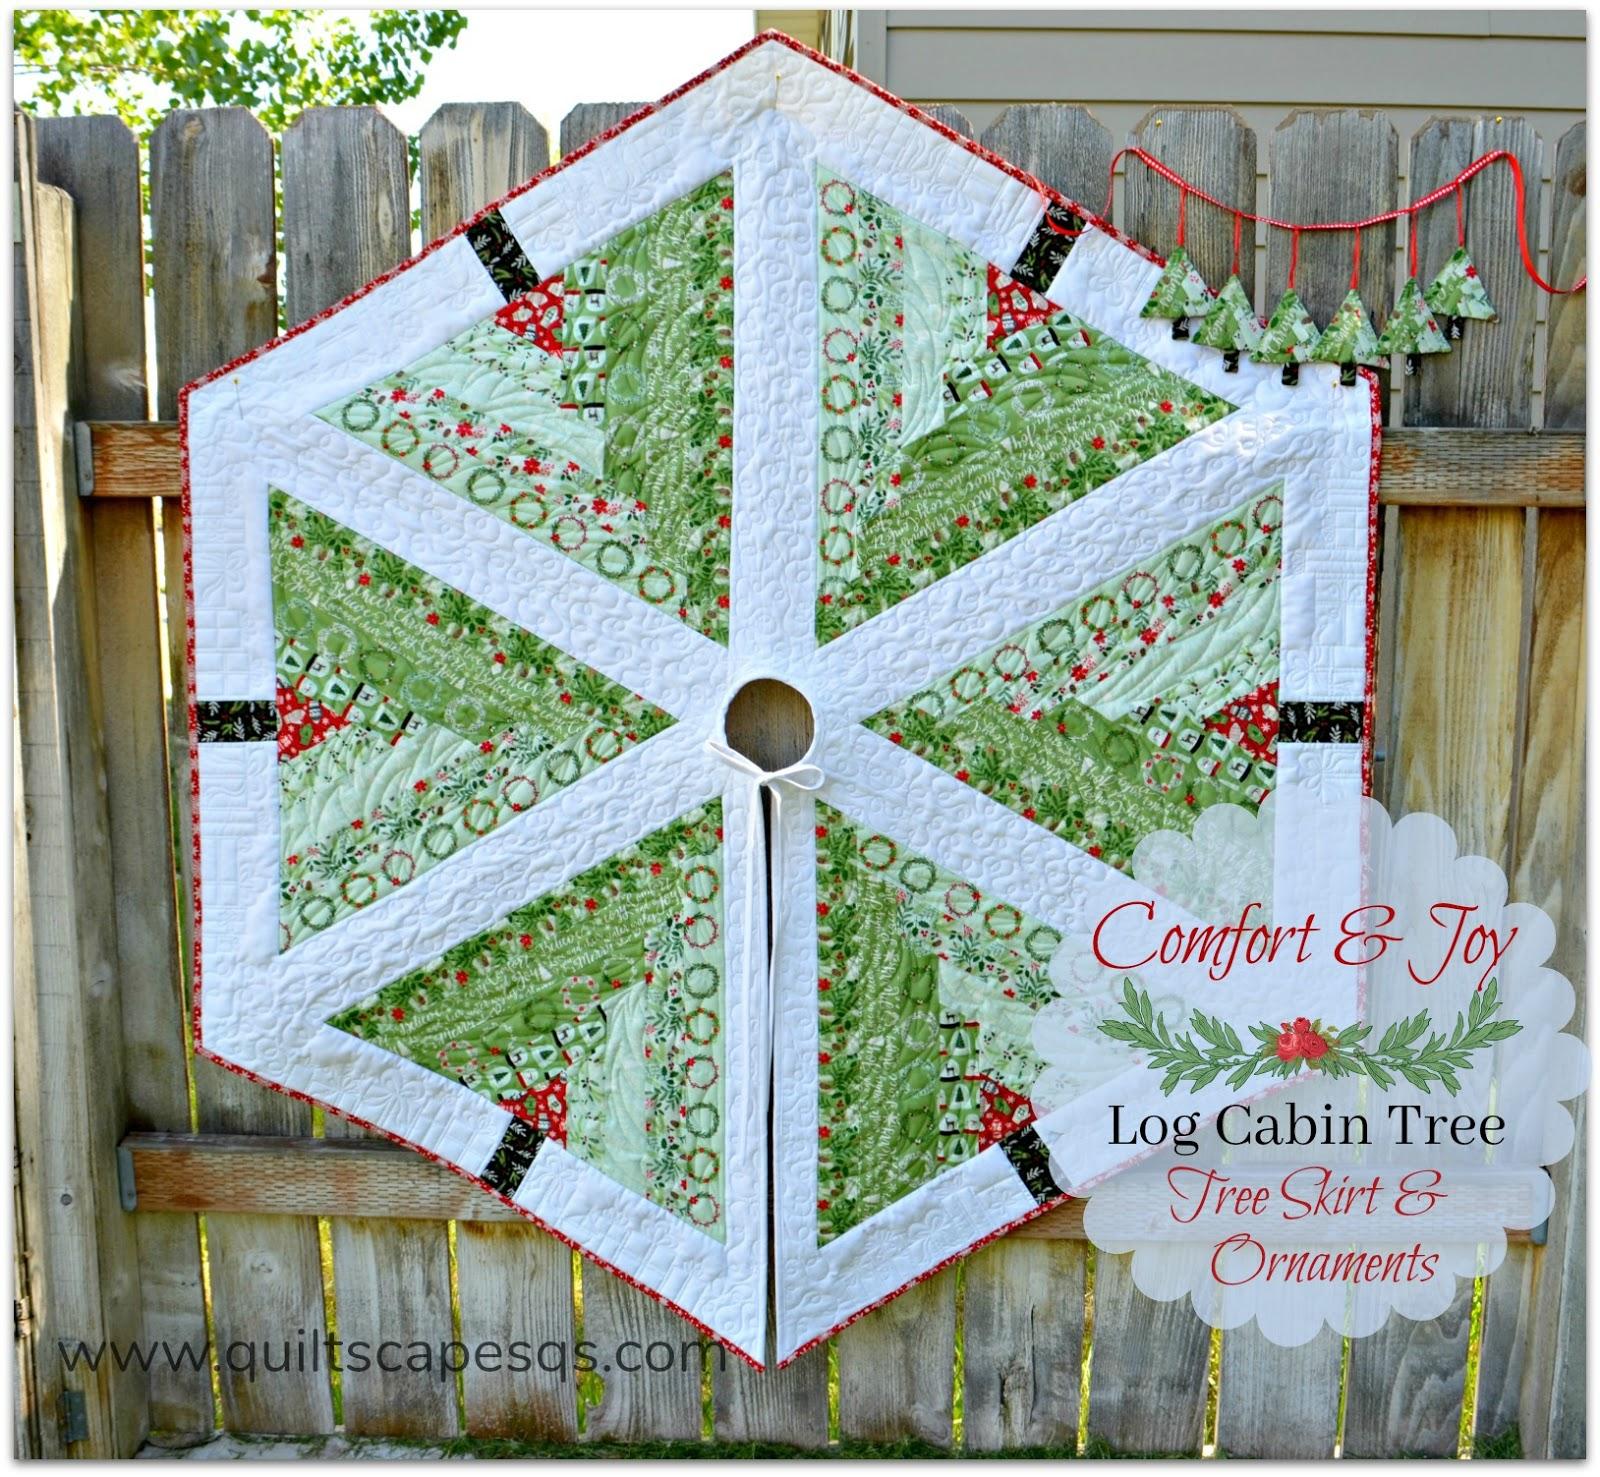 Log Cabin Tree Skirt Ornaments By Deonn Stott Debbie Proctor